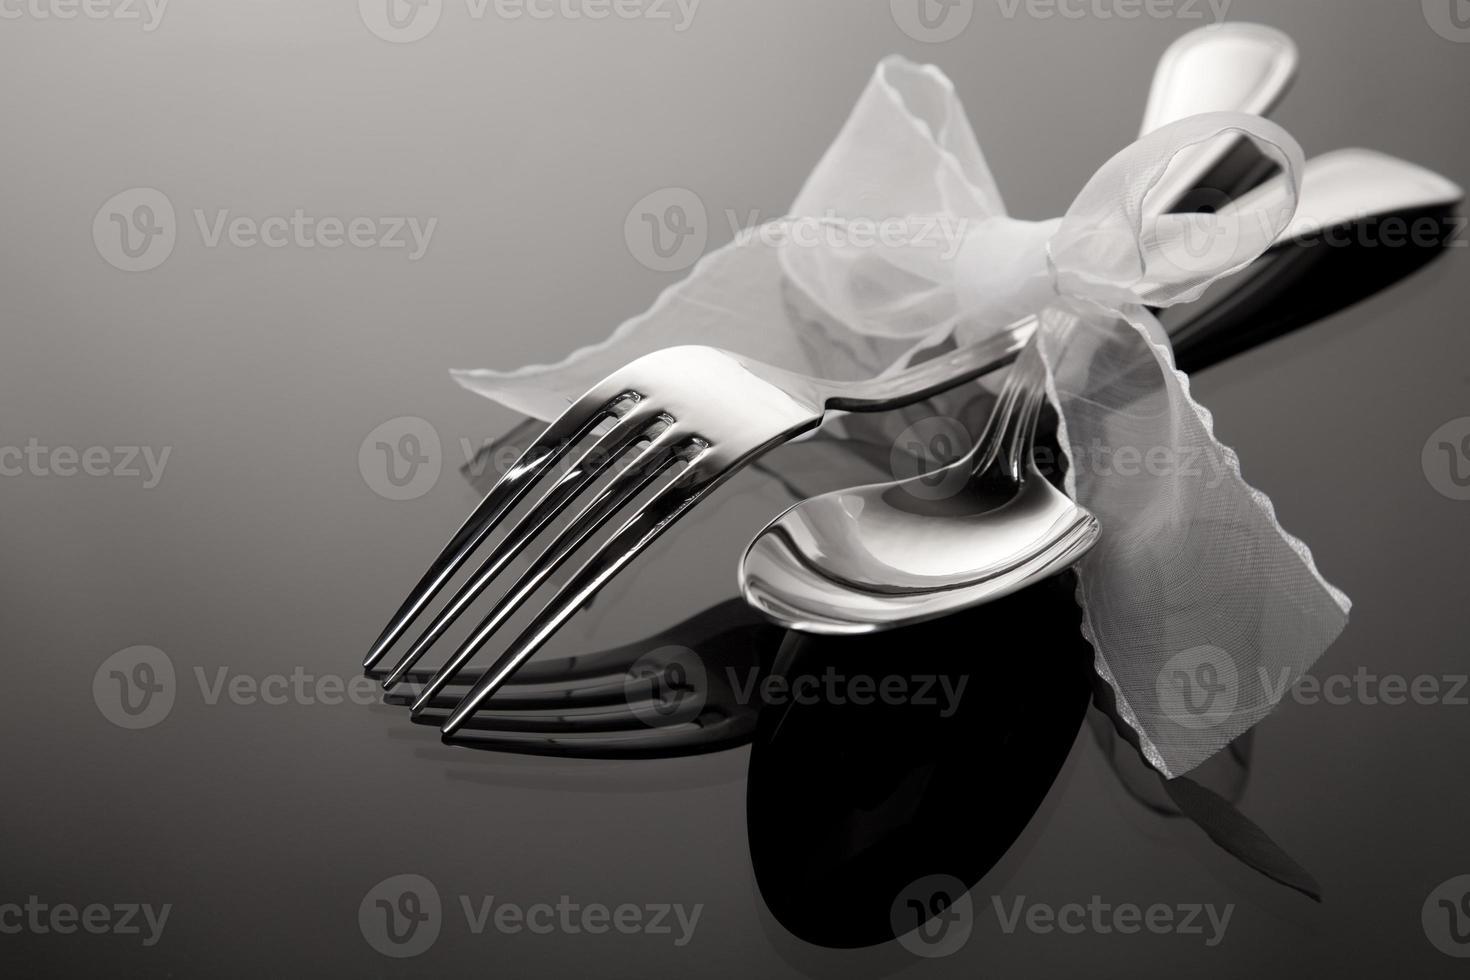 cucchiaio e forchetta sul modello a specchio foto